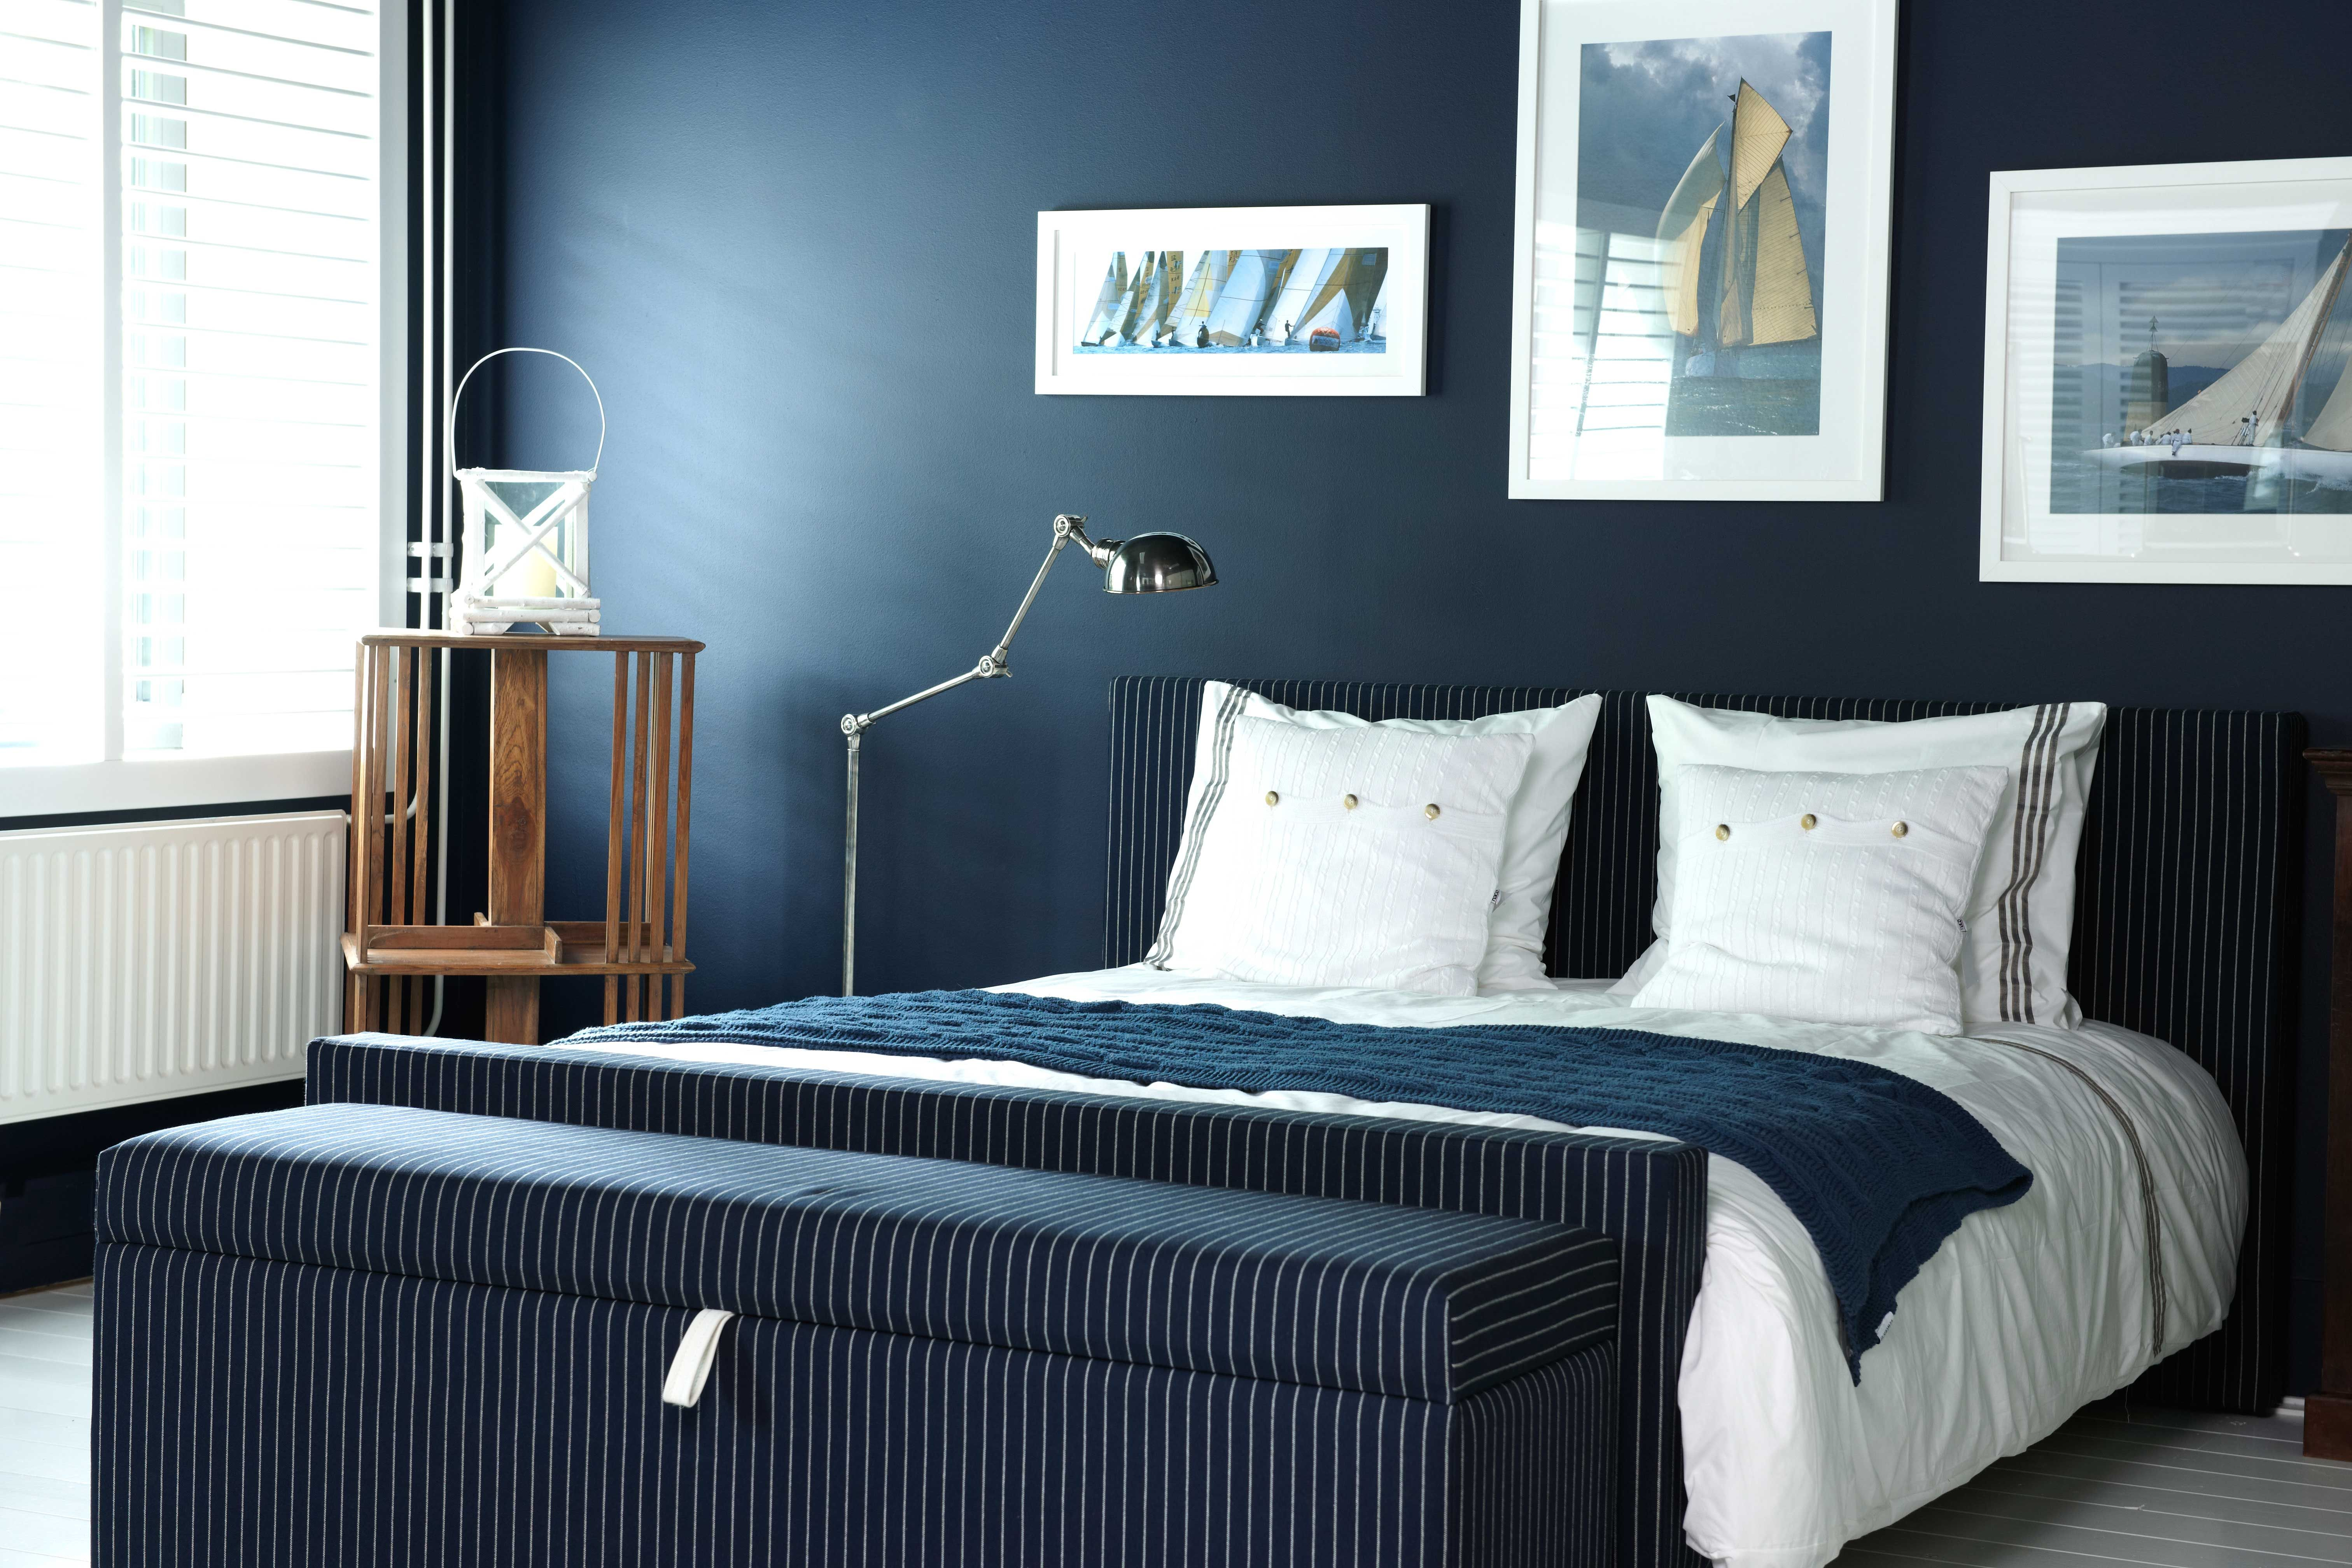 Slaapkamer in statig donkerblauw (met krijtstreep!) | Moadboard ...